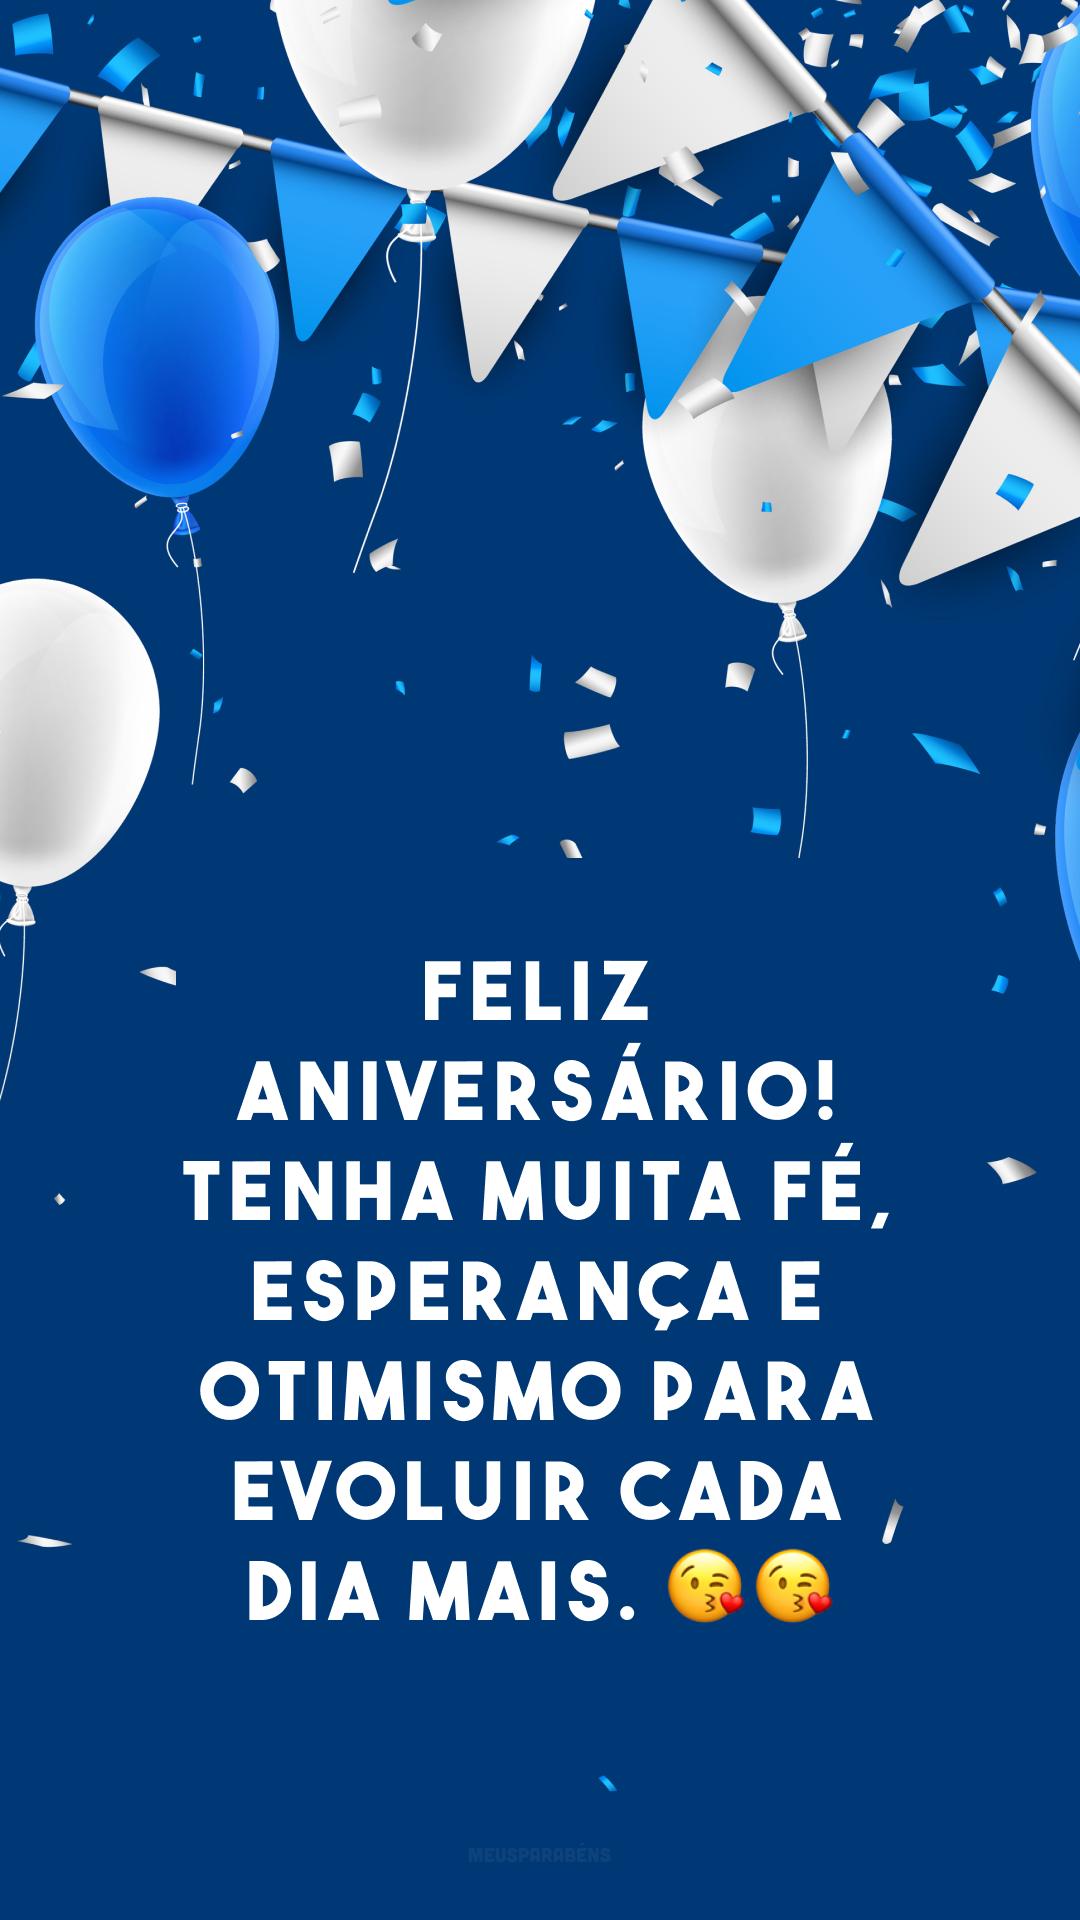 Feliz aniversário! Tenha muita fé, esperança e otimismo para evoluir cada dia mais. 😘😘